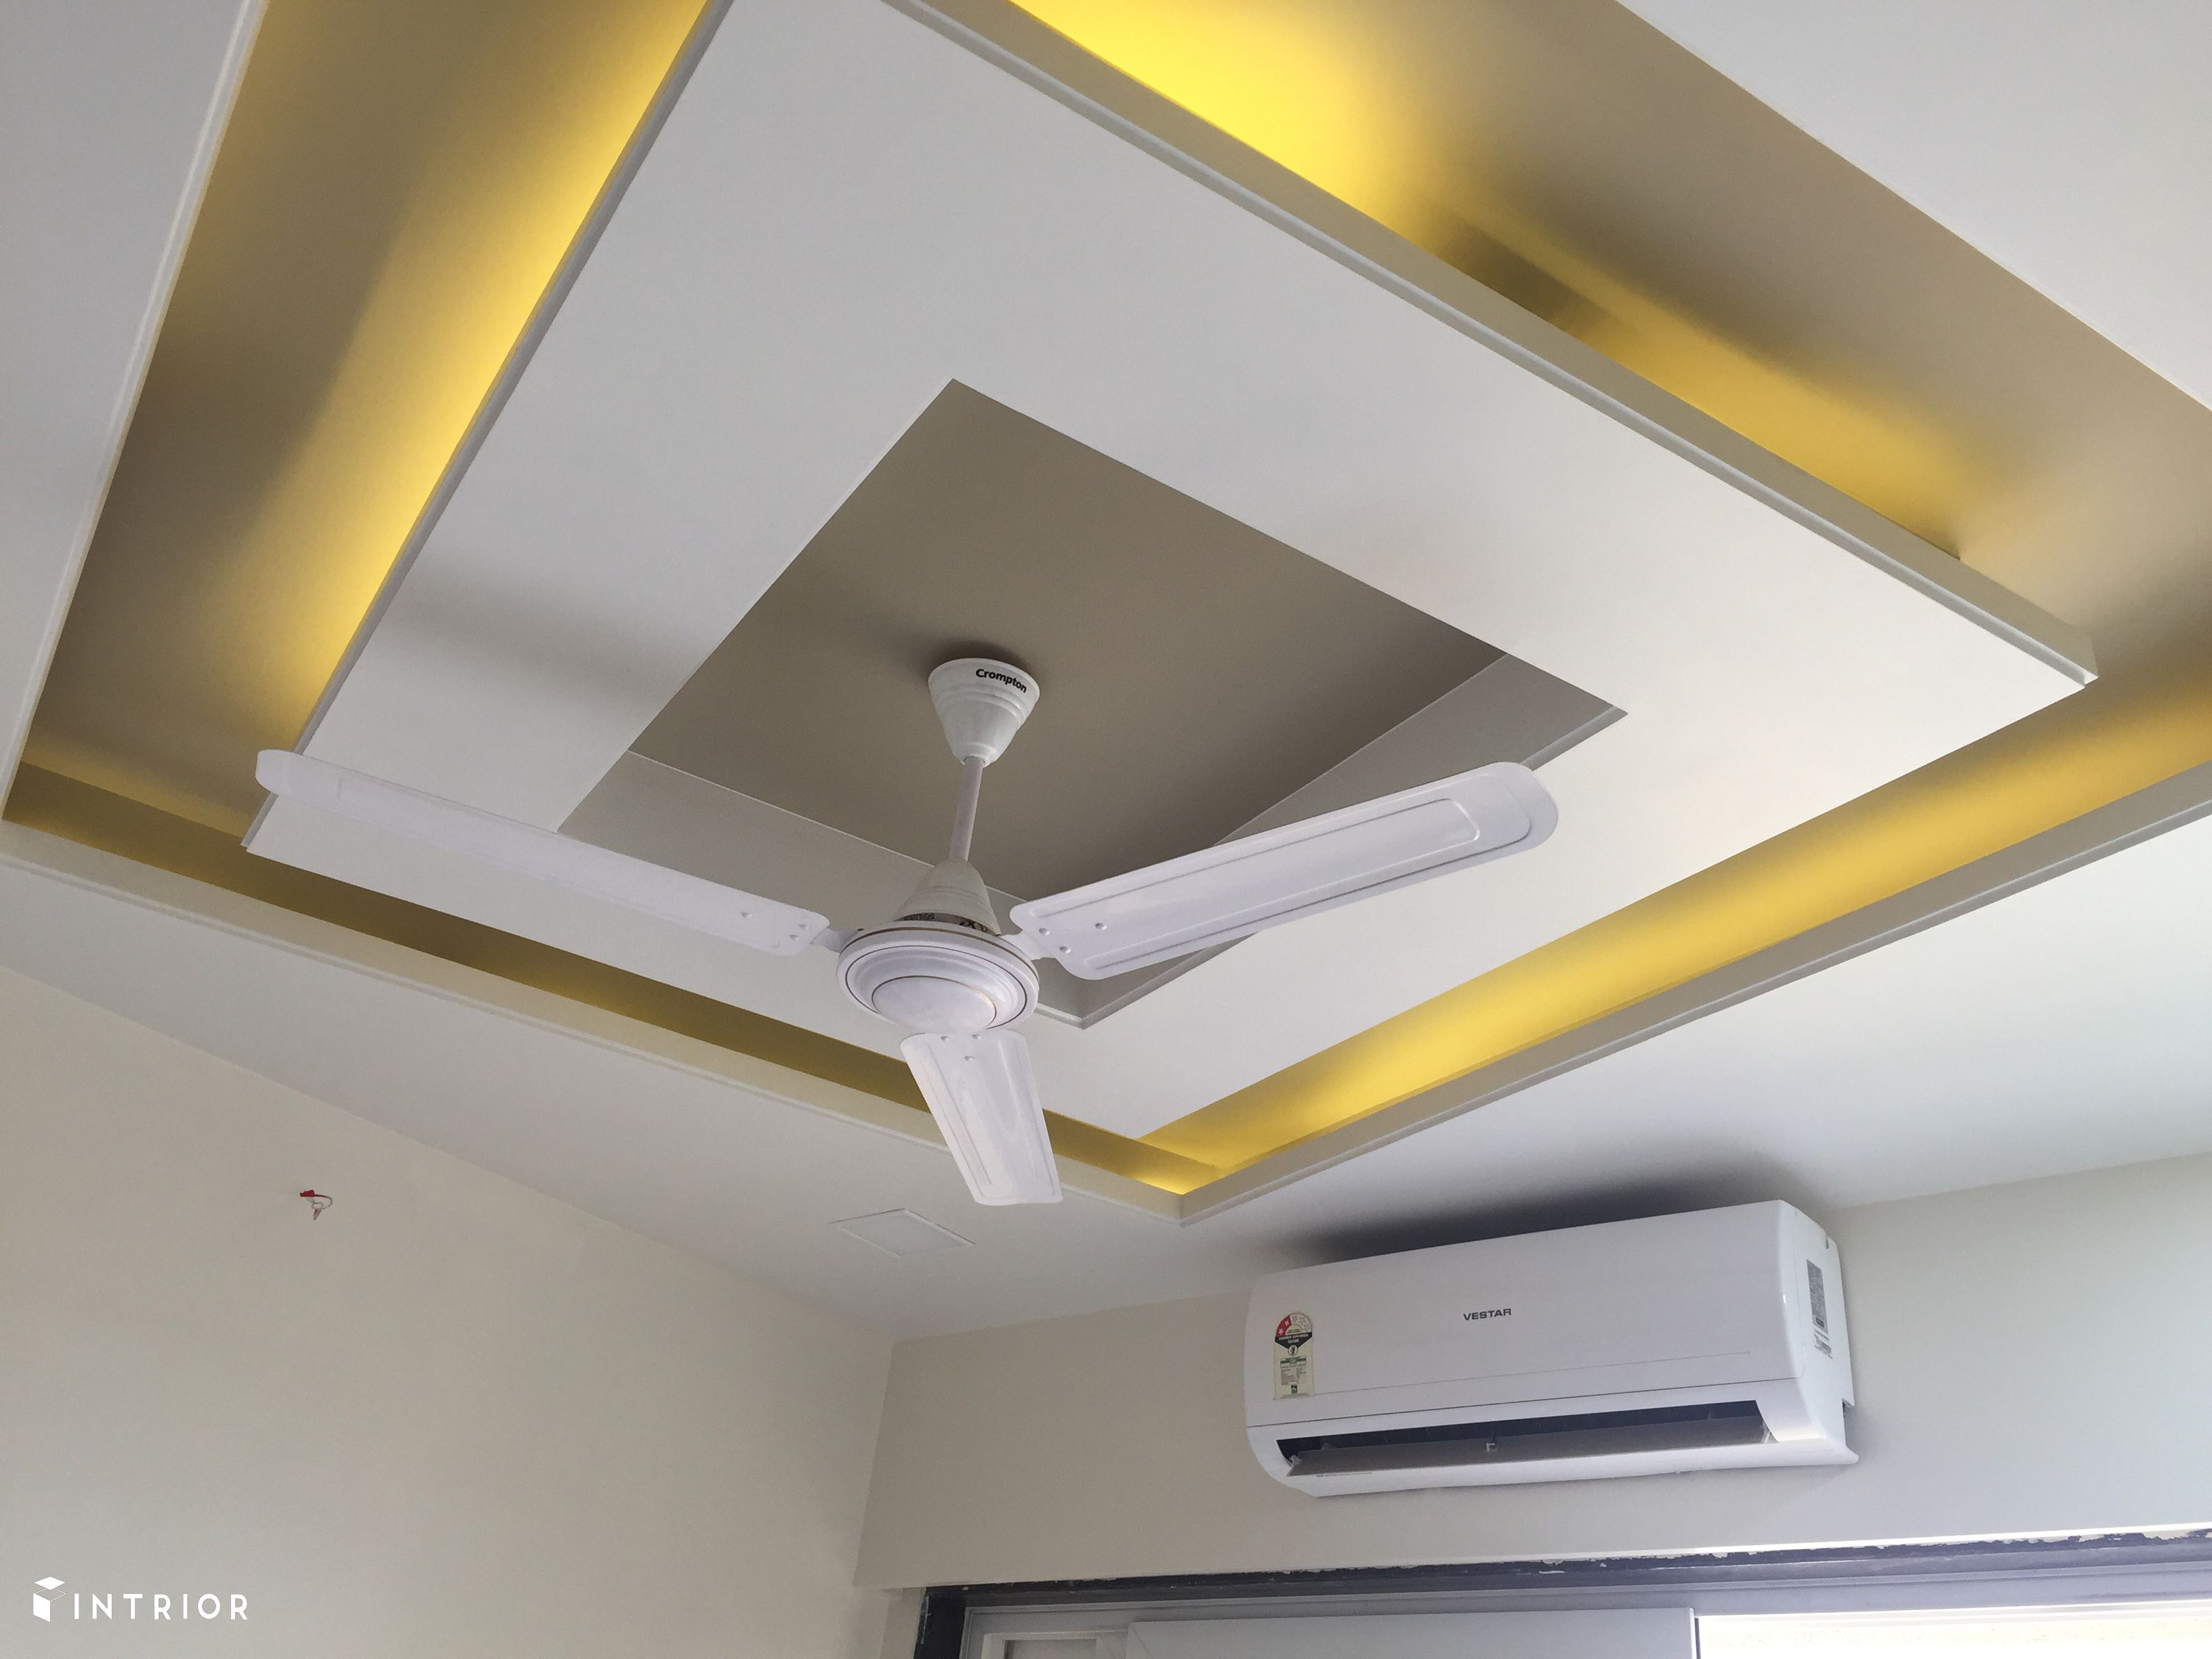 Master Bedroom False Ceiling Design In 2019 Bedroom False